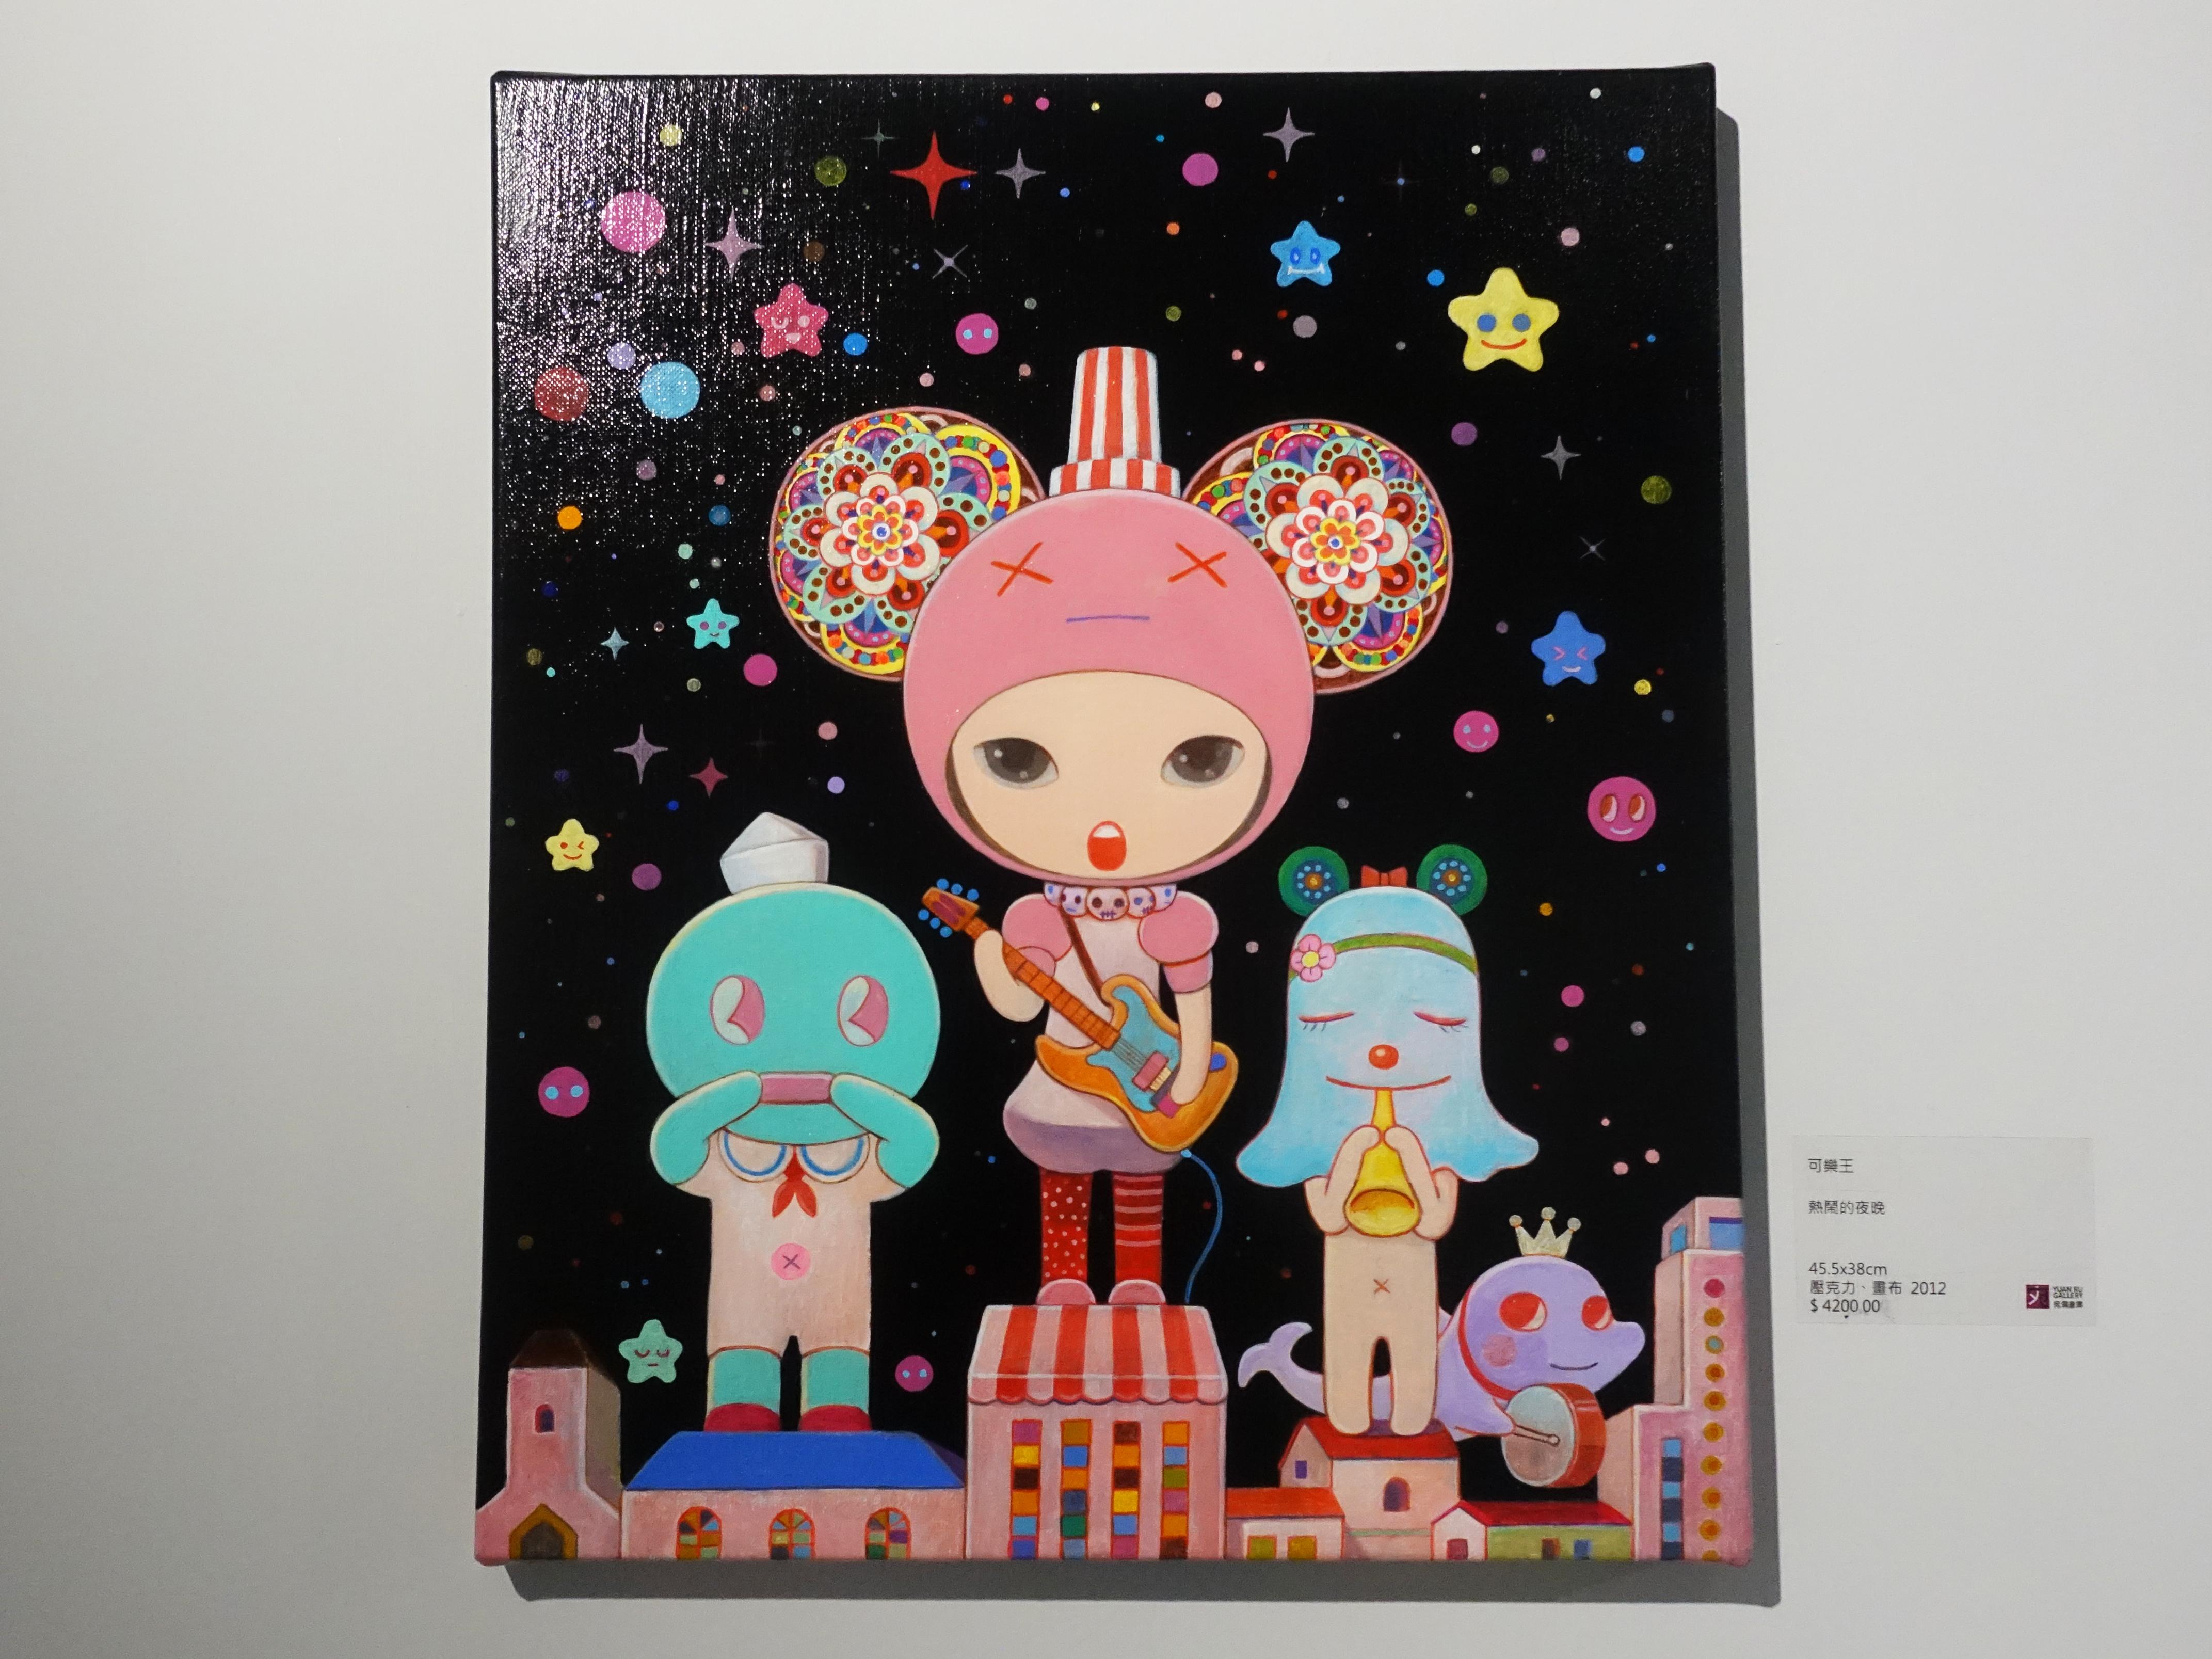 可樂王,《熱鬧的夜晚》,45.5 x 38 cm,壓克力、畫布,2012。